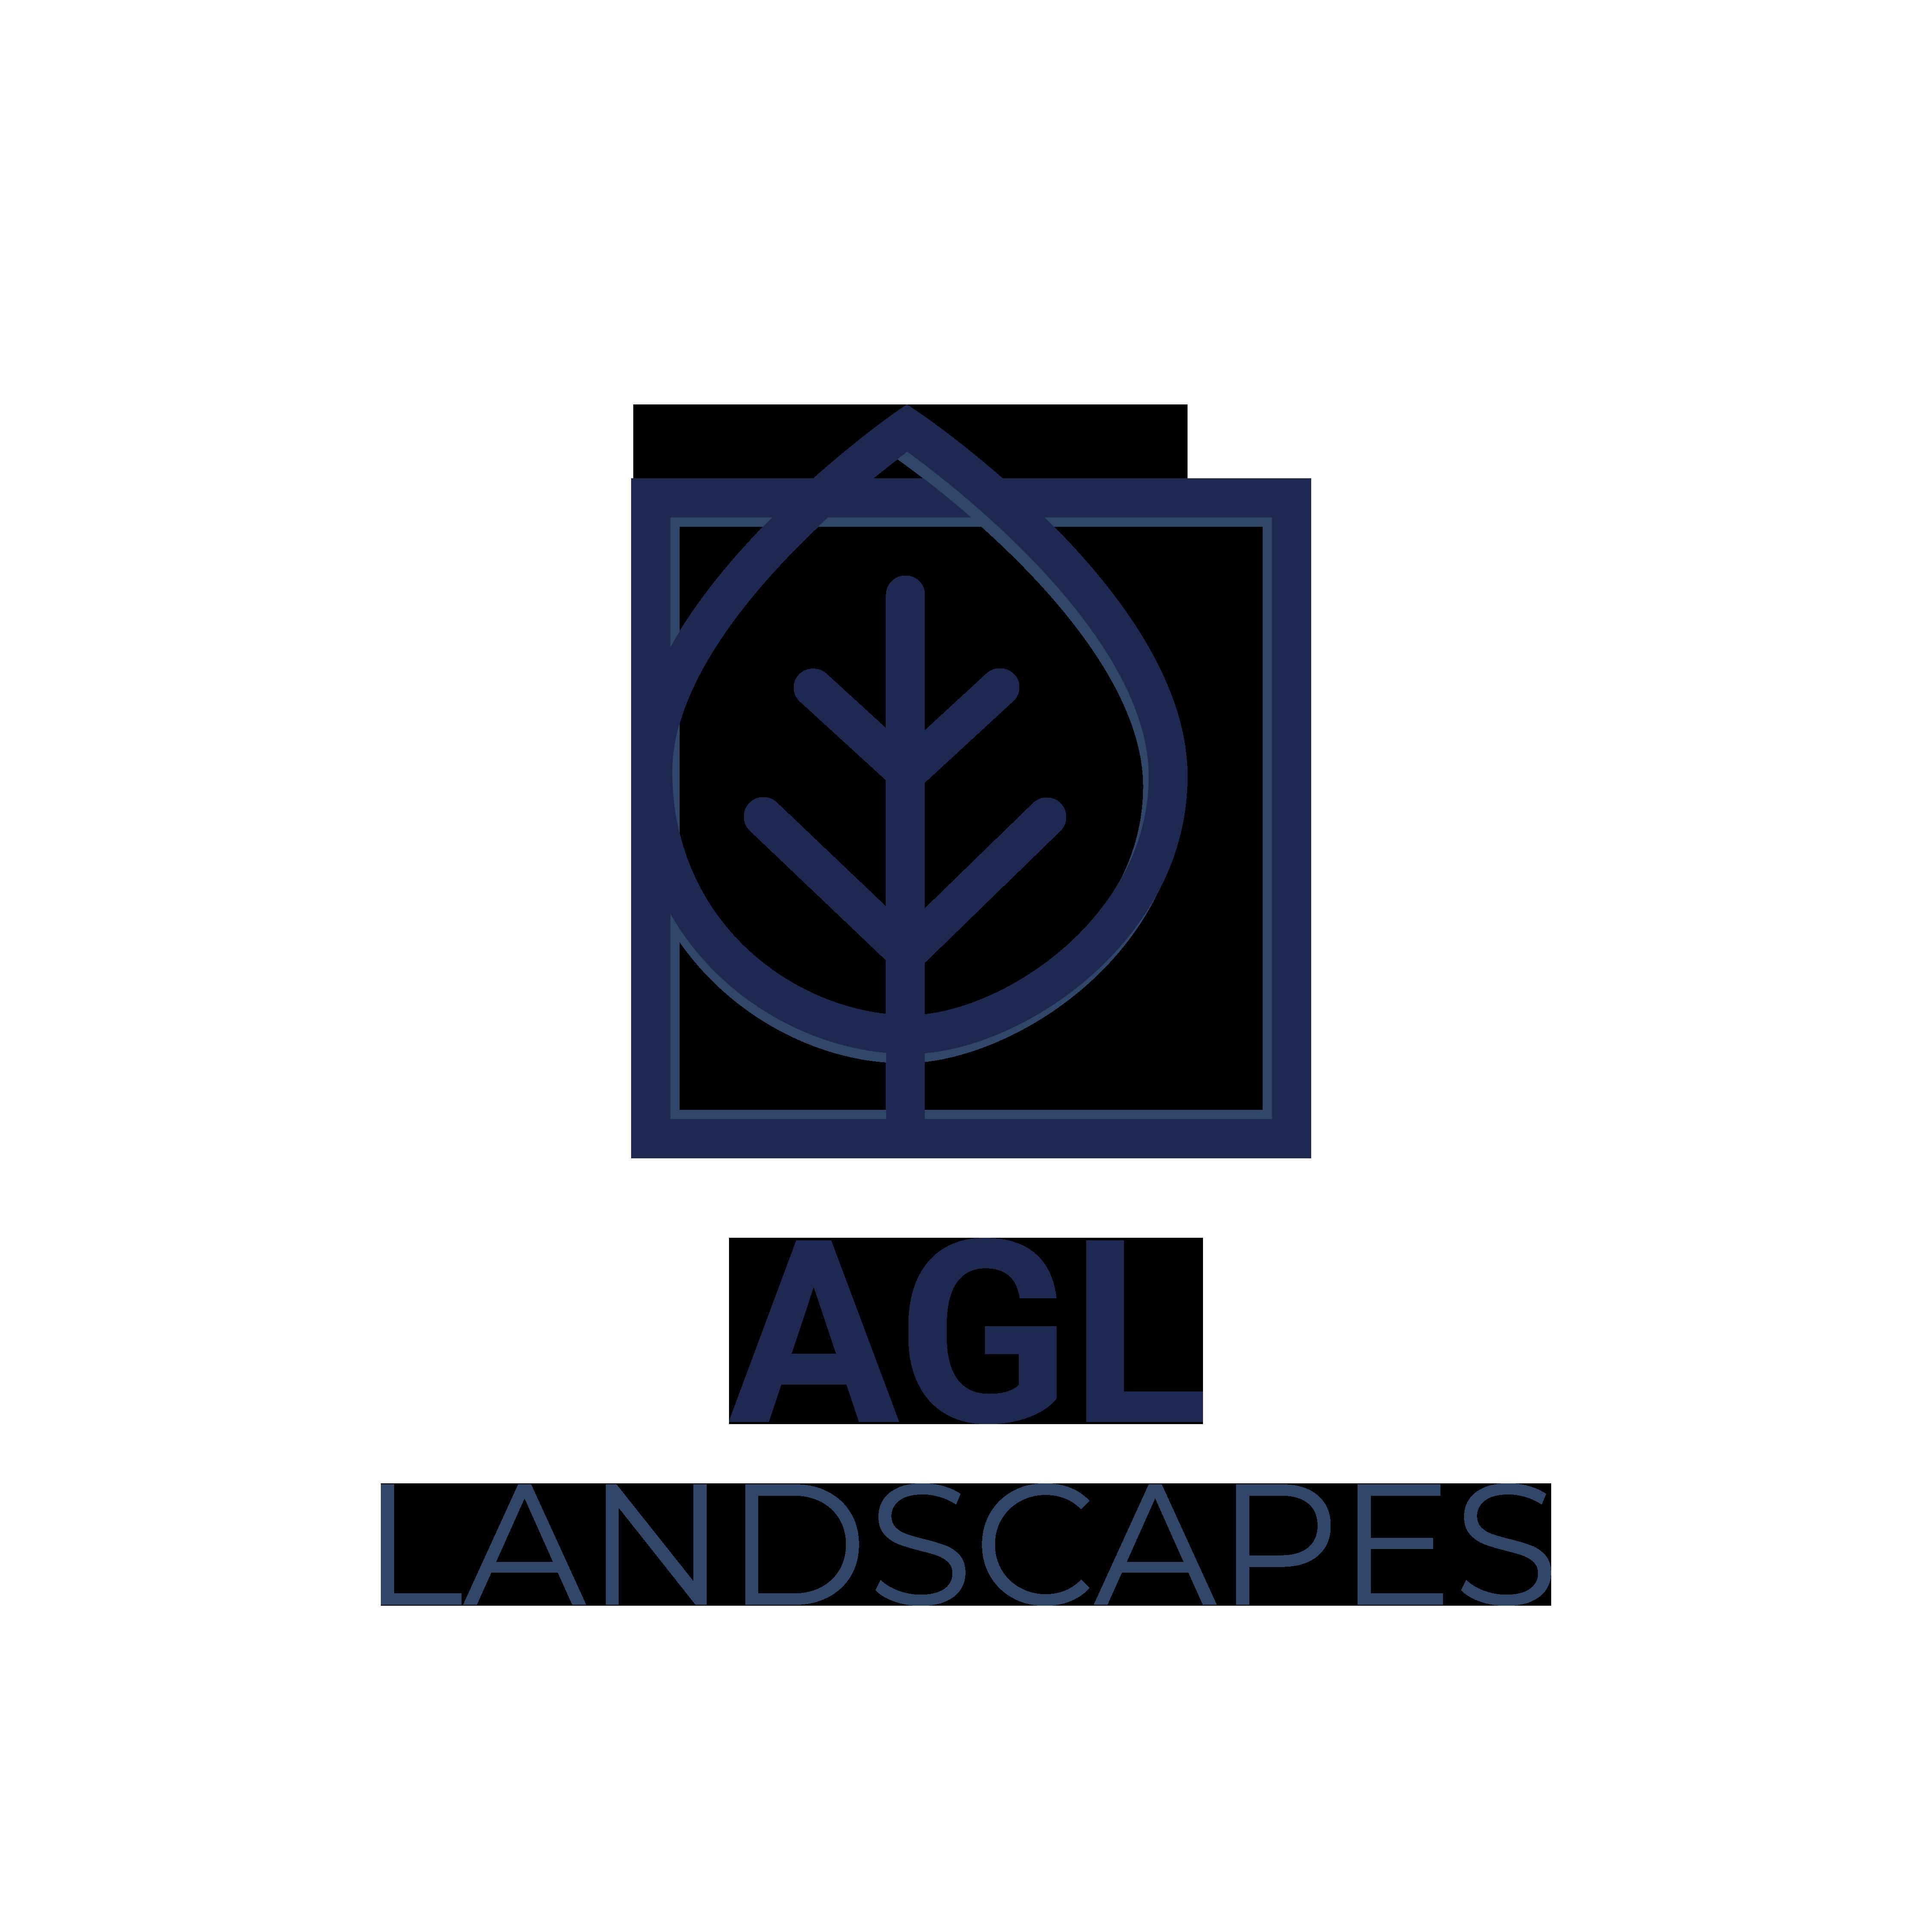 AGL Landscapes